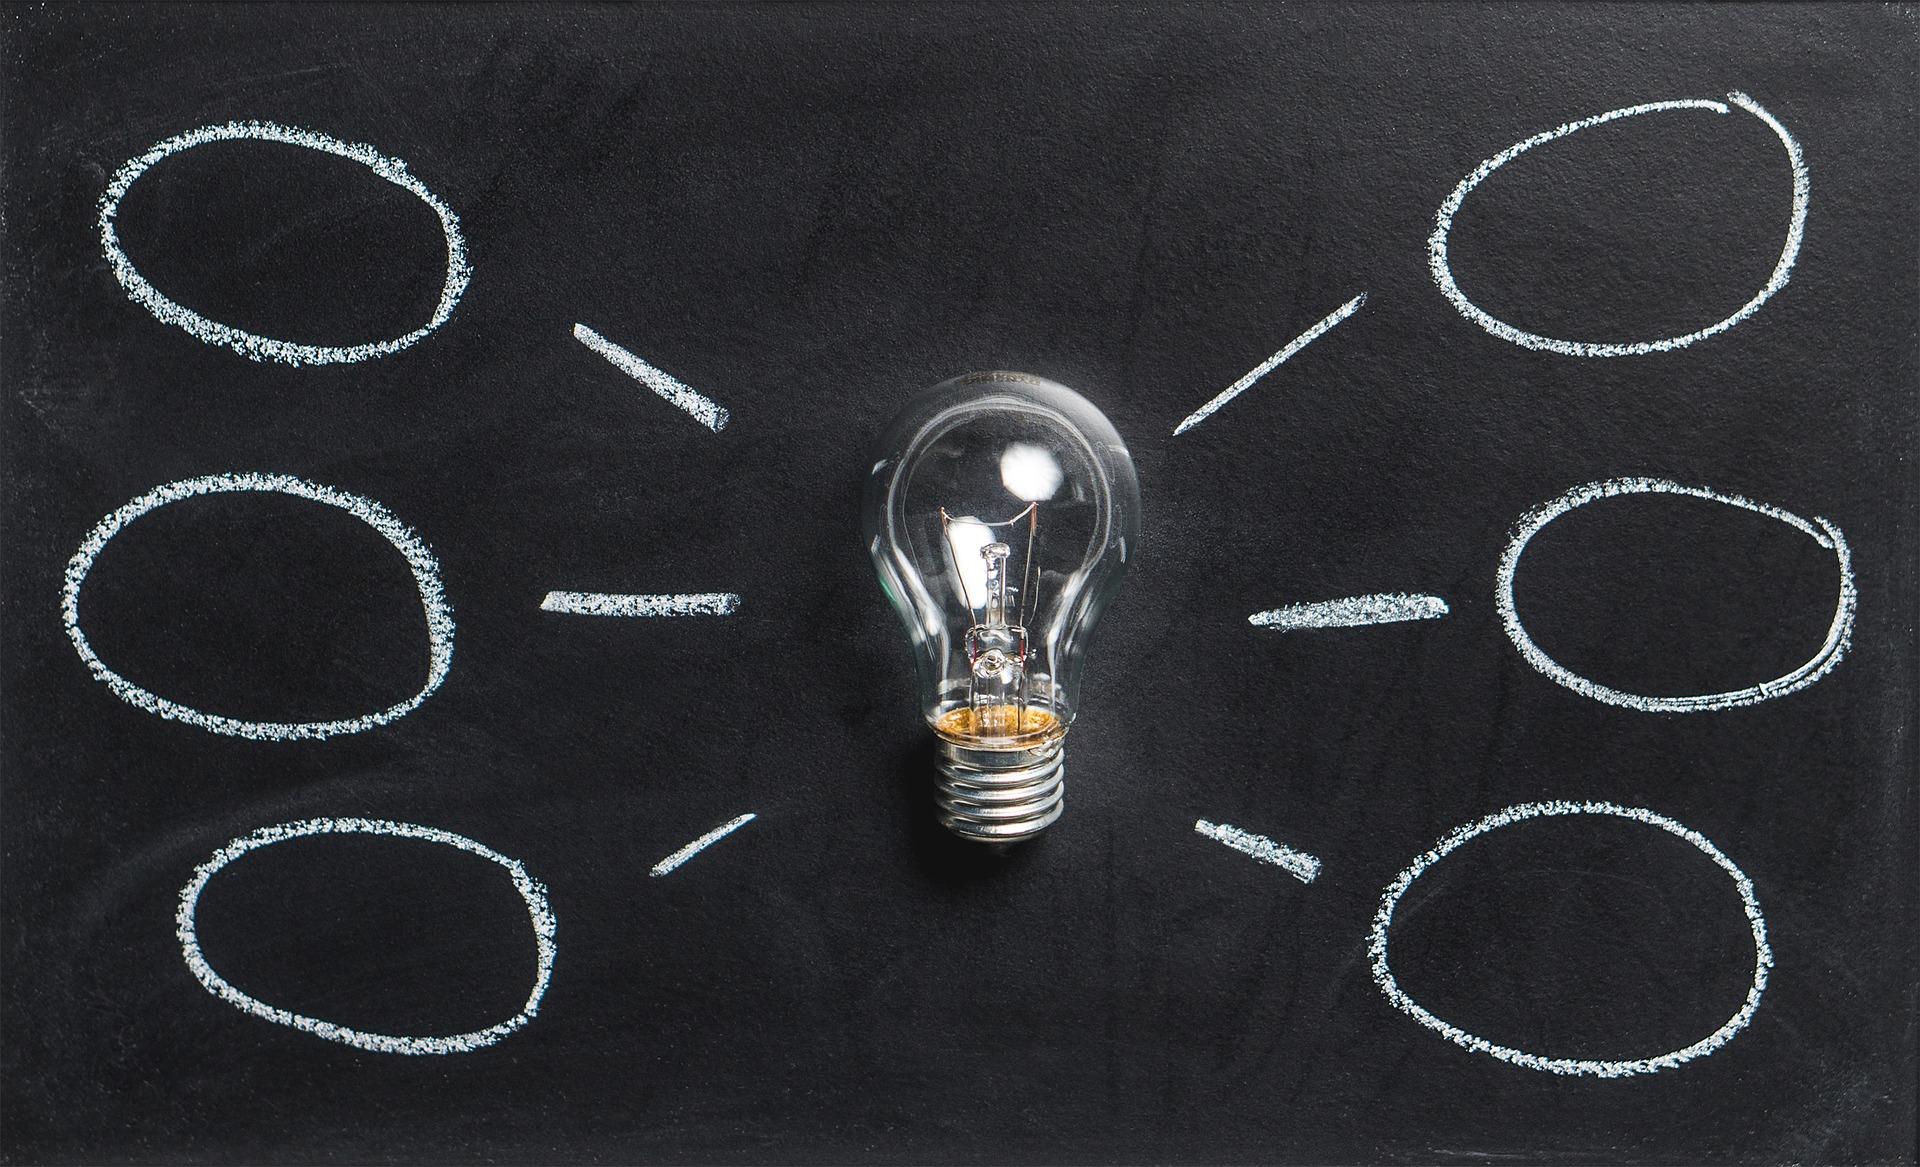 Imagen representativa a objetivos, ideas